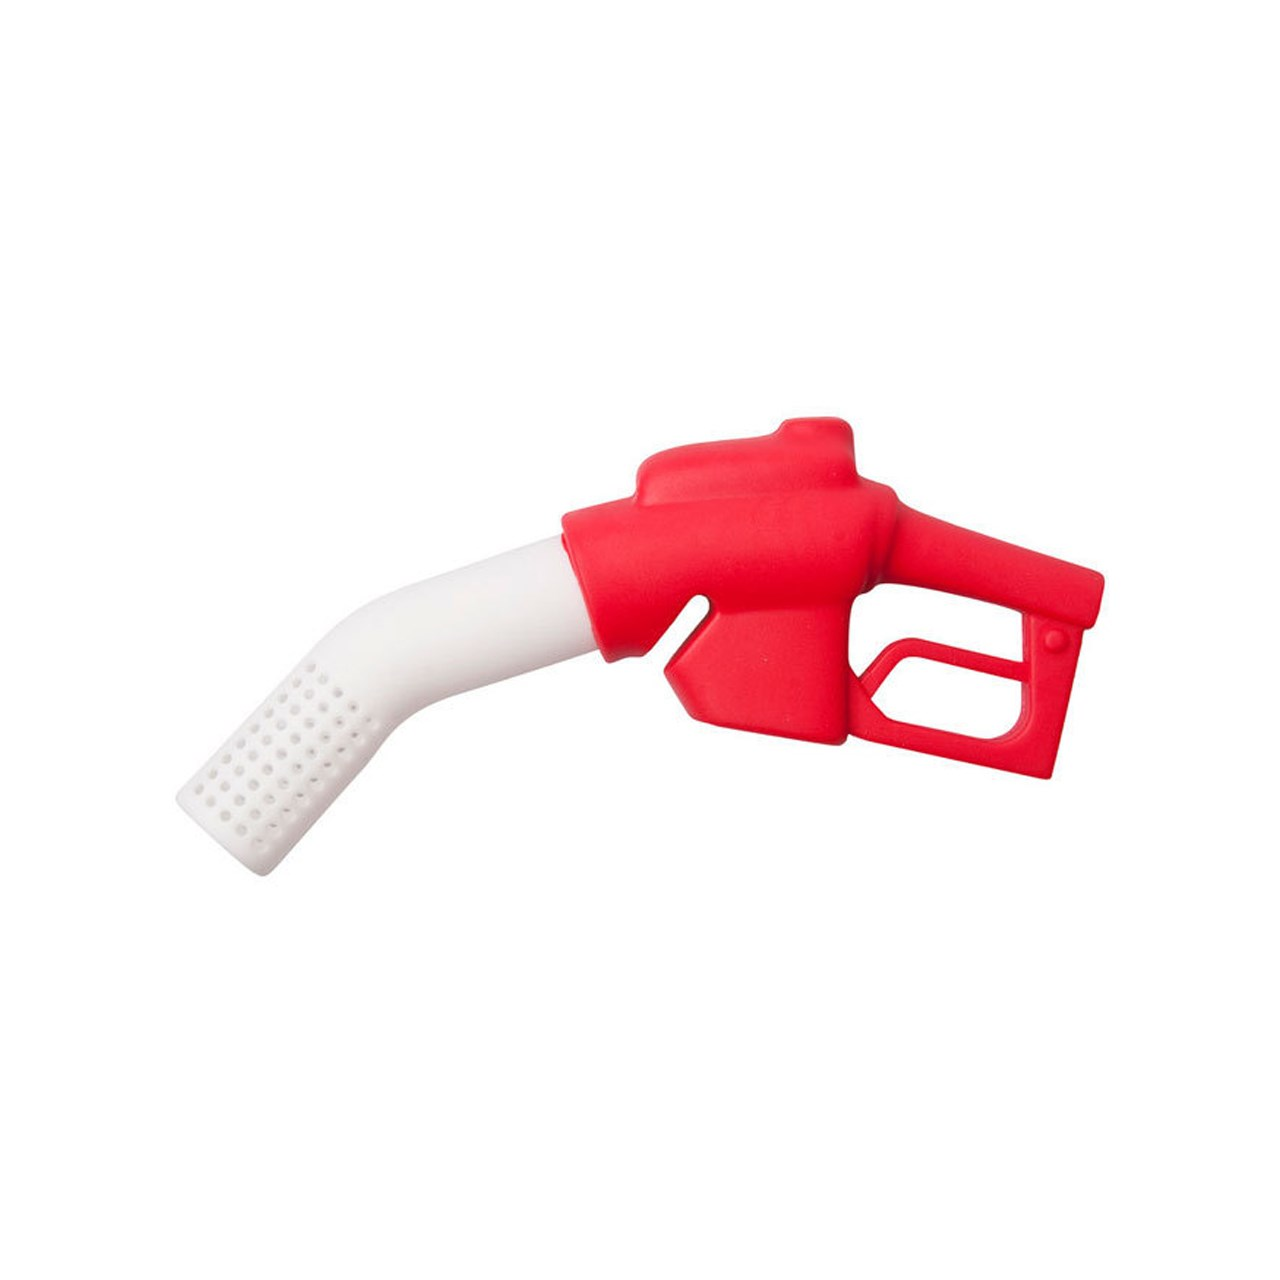 دمنوش ساز طرح پمپ بنزین